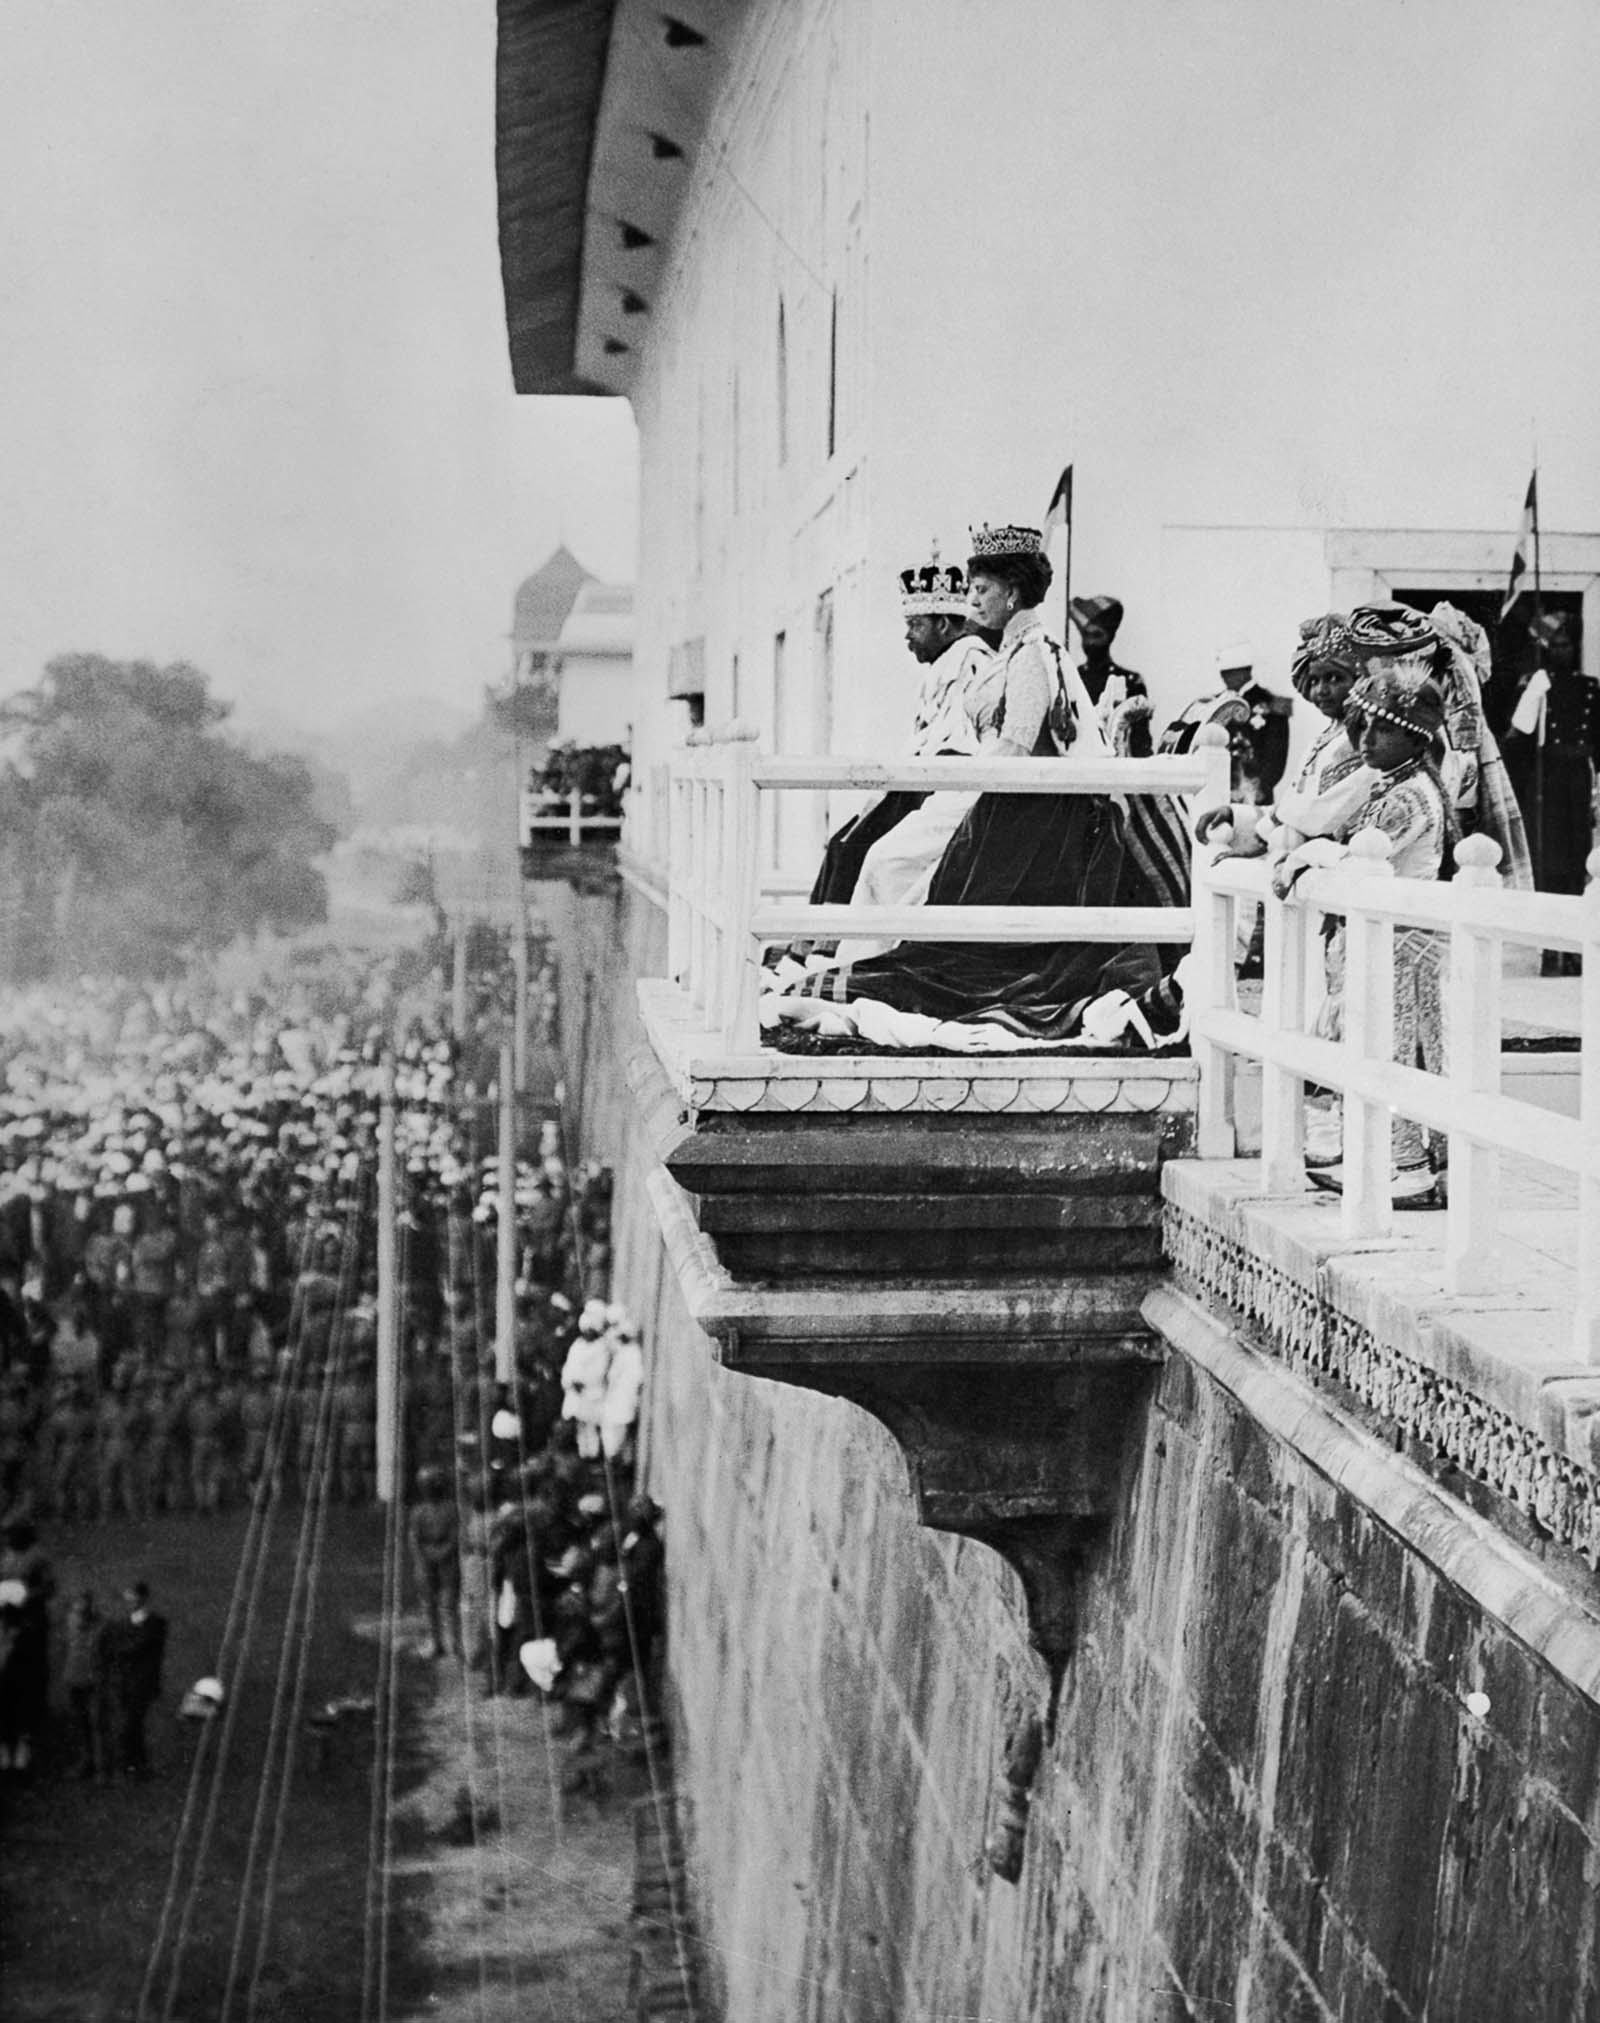 Lorsque la famille royale britannique est allée en Inde pour le couronnement et une expédition de chasse, 1911